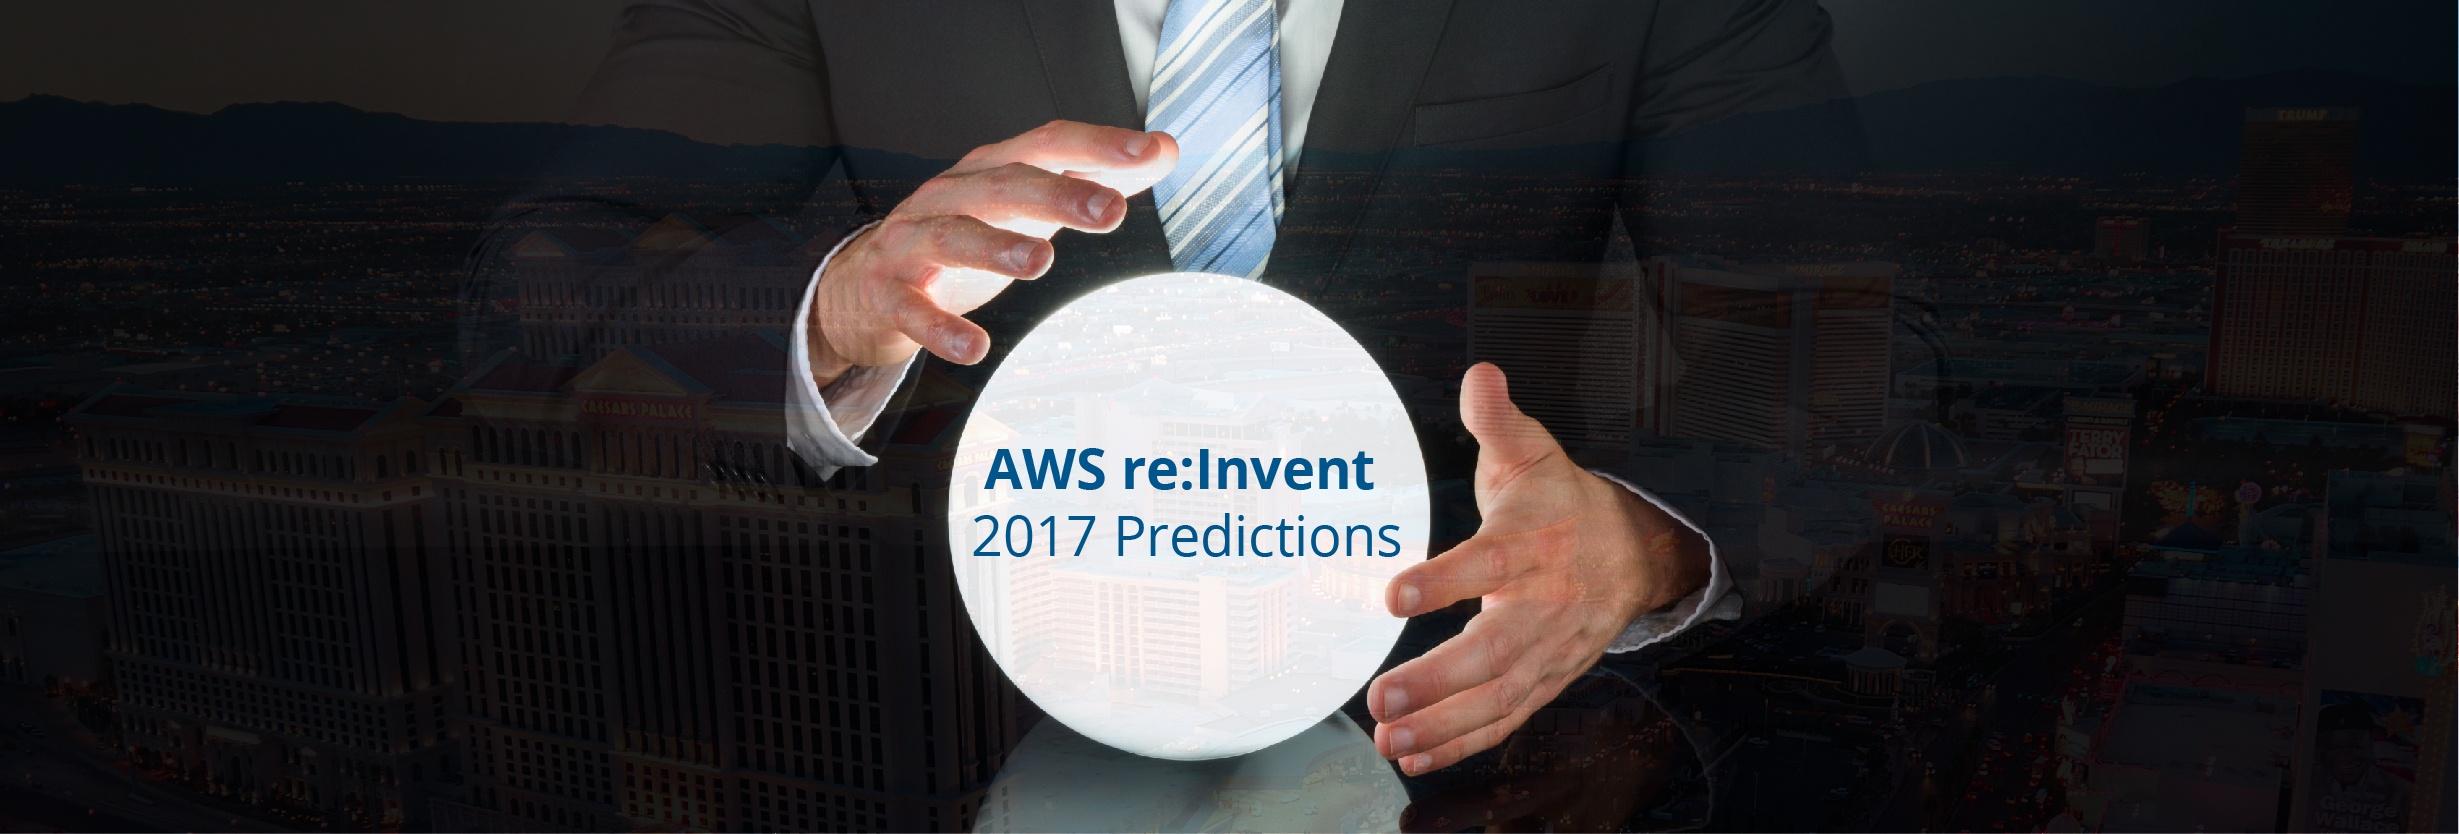 AWS re:Invent 2017:クラウド最大のショーの5つの予測